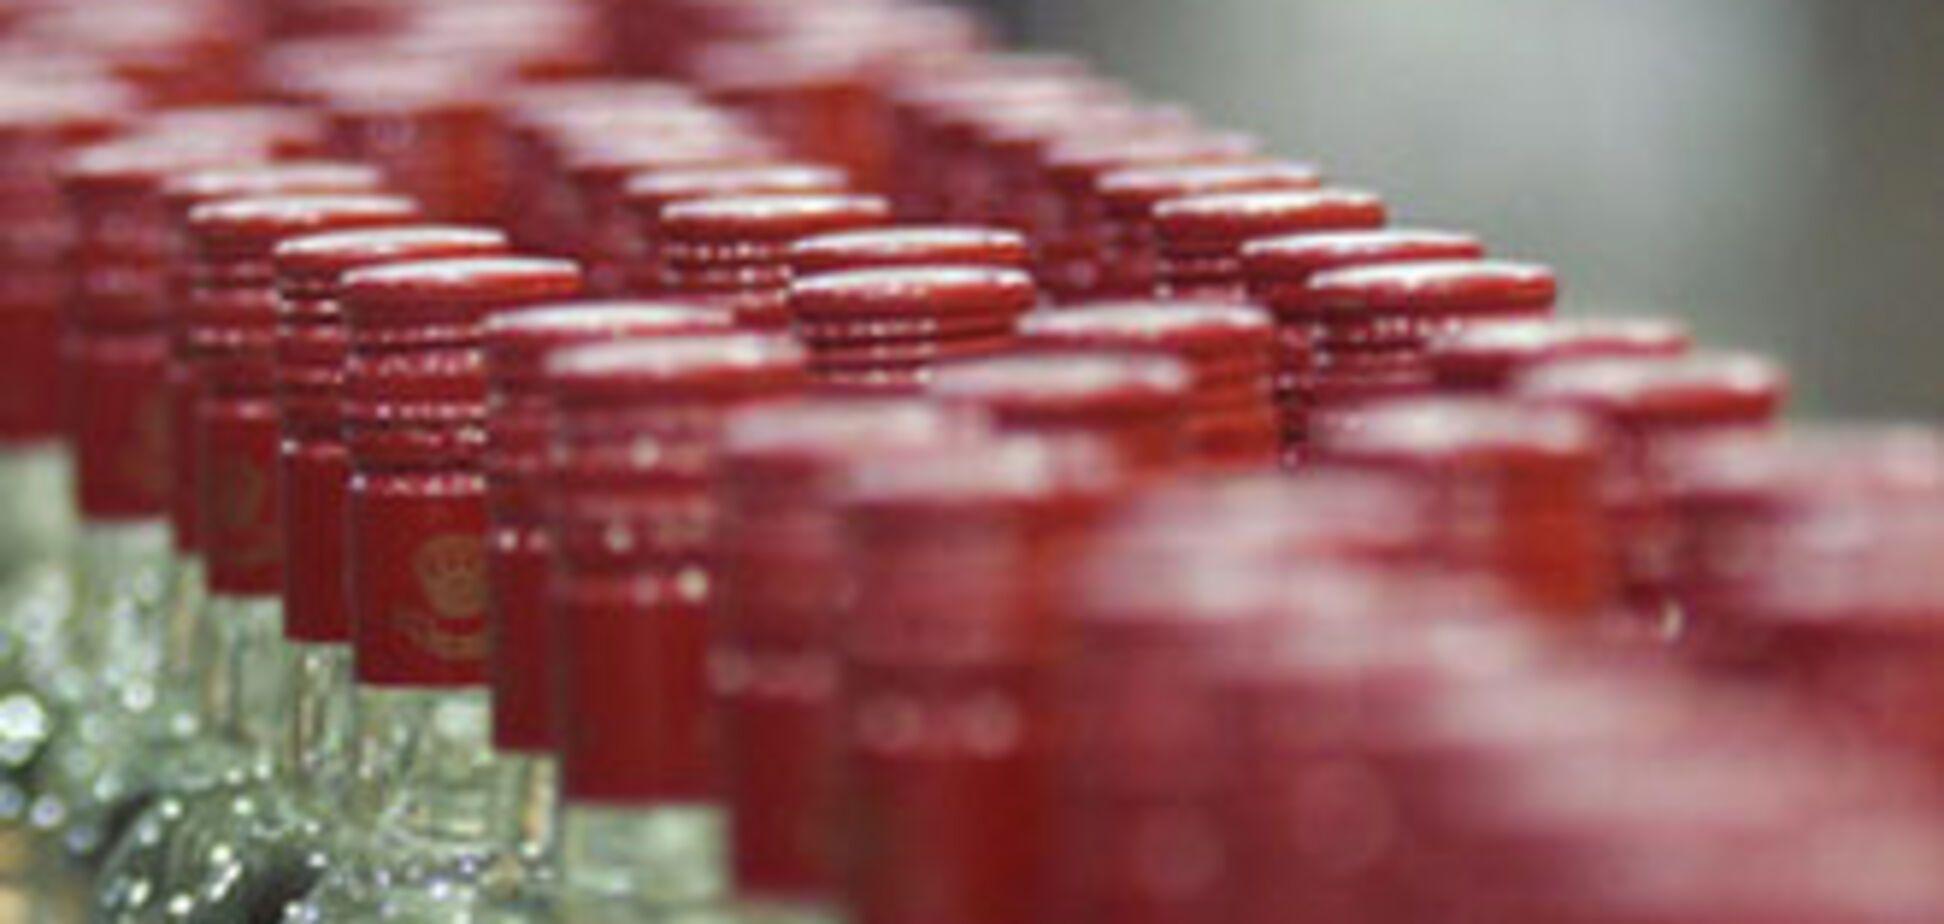 Івано-Франківська міліція знайшла 4 тис пляшок лівої горілки